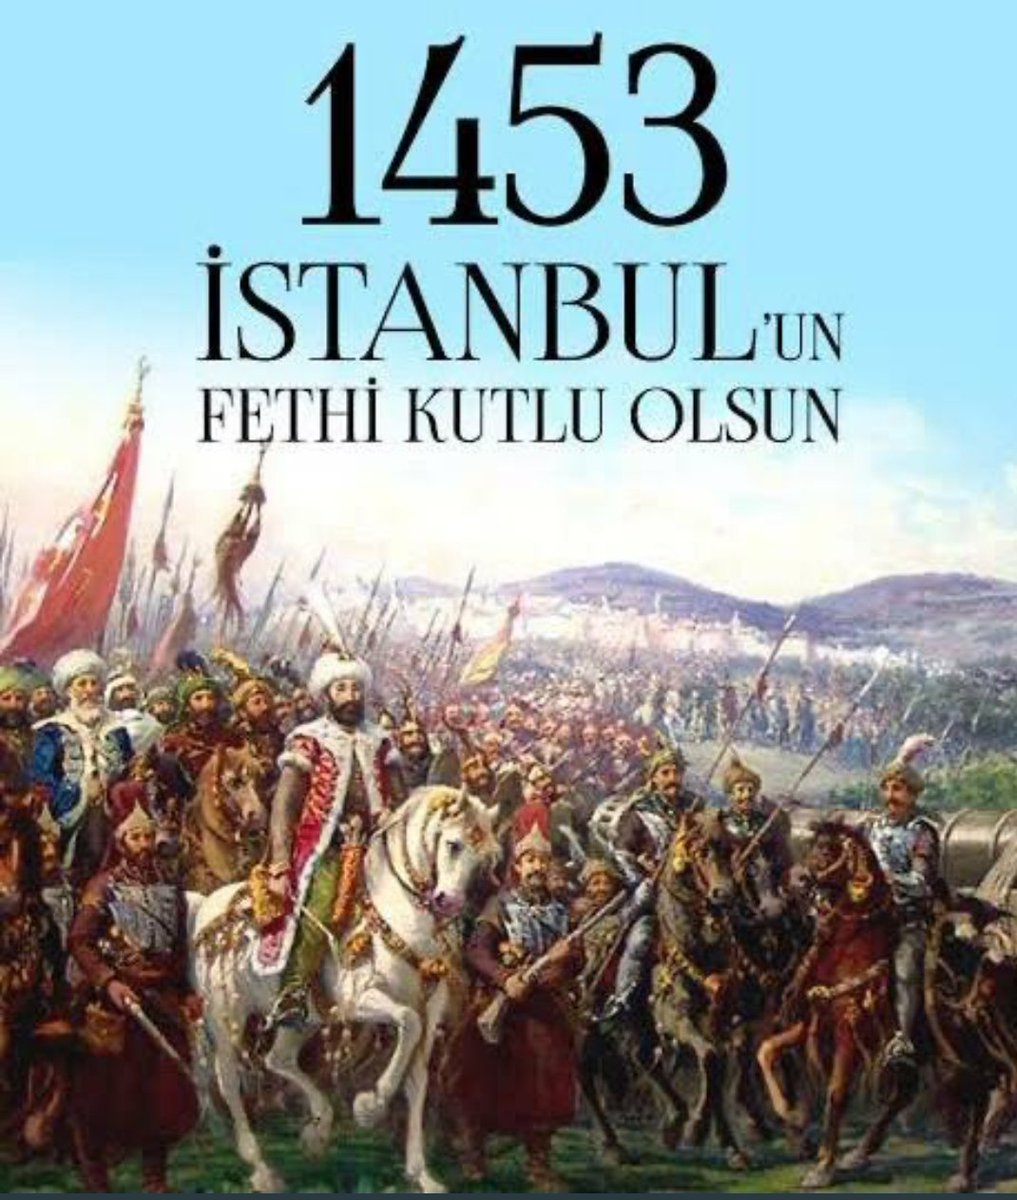 """👉""""İstanbul mutlaka fethedilecektir. Onu fetheden komutan ne güzel komutan,o ordu ne güzel ordudur.""""👈 #istanbulFethi @ziyaselcuk @zeynepglylmaz1 @AdemKoca46 @memleventyazici @mktrky @BaykalBasdemir @OzilLevent @harungergin @izekier53 @ahmetozdemirmem @kaya_menderes @msirinesen https://t.co/T3PaPukFFK"""